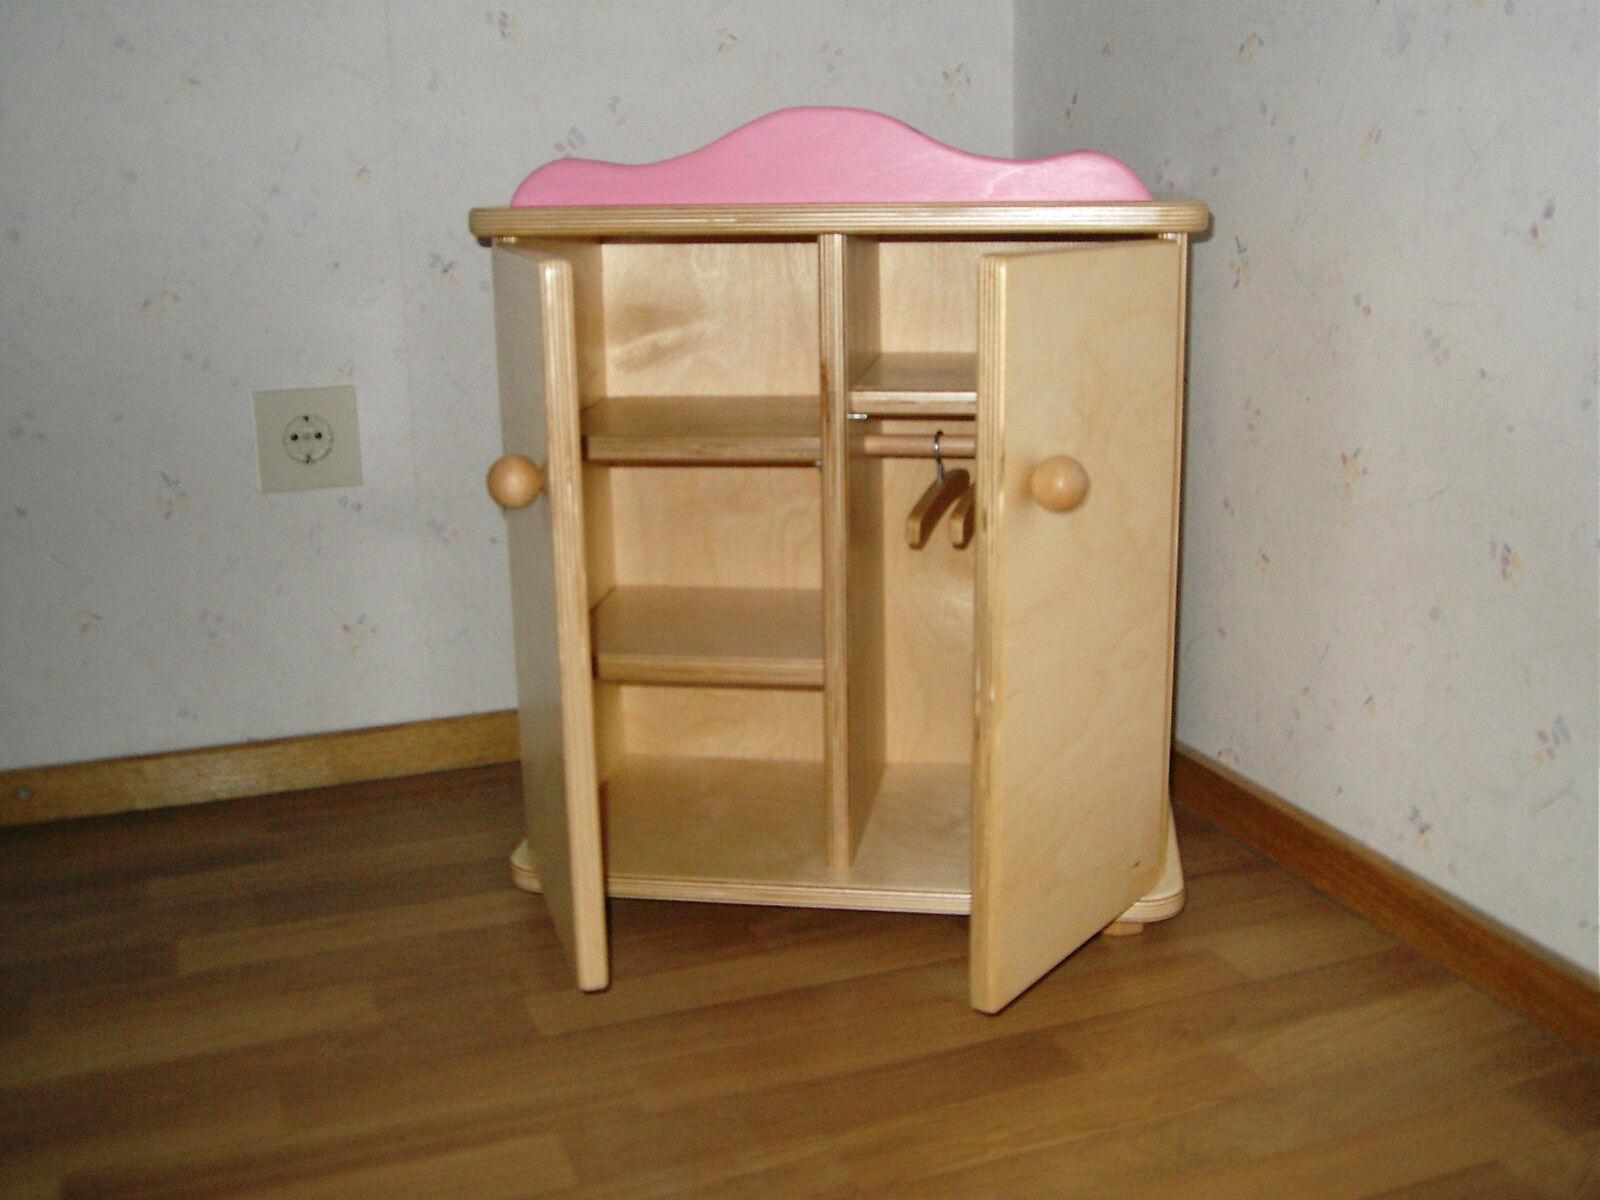 Großer Puppenschrank Kleiderschrank für Puppen mit 3 Kleiderbügel 54x46cm NEU